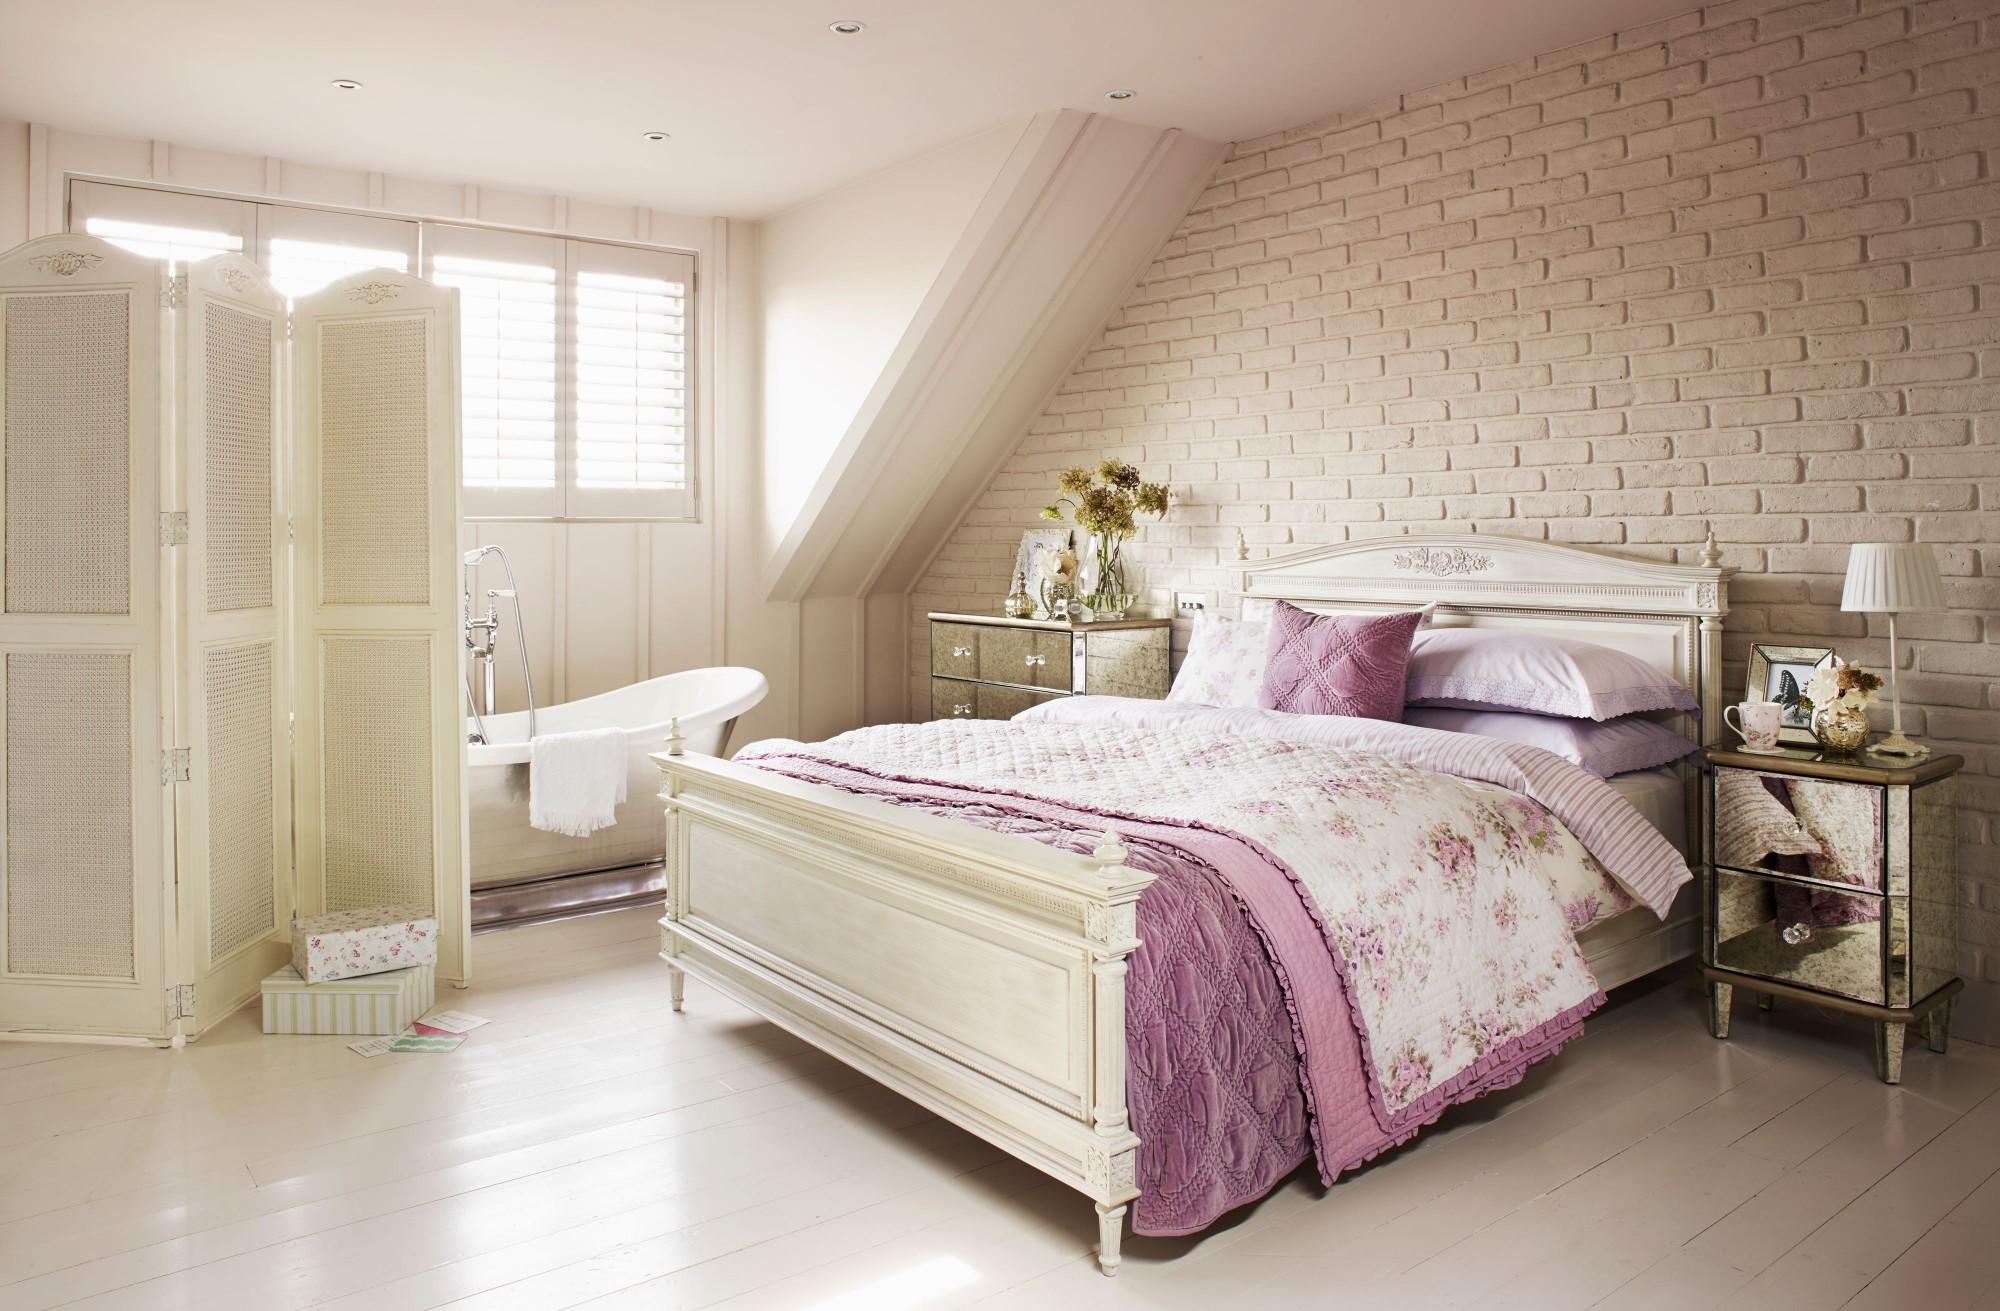 Shabby_Bedroom-e1441114245742